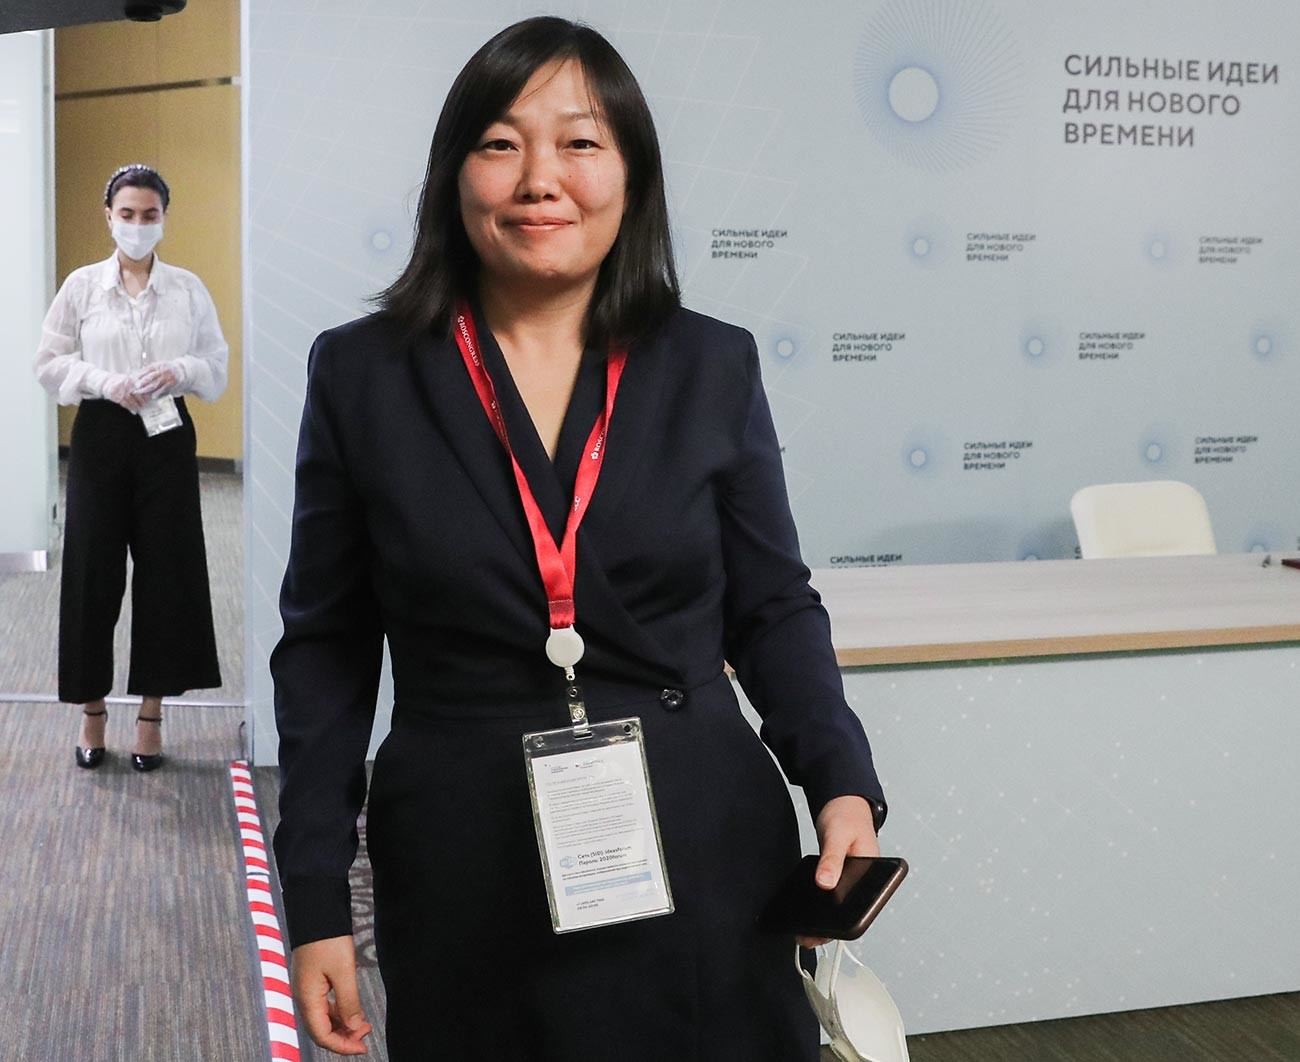 Osnivačica i izvršna direktorica online trgovine Wildberries Tatjana Bakaljčuk nakon svečanosti potpisivanja sporazuma o suradnji između Wildberriesa i AO